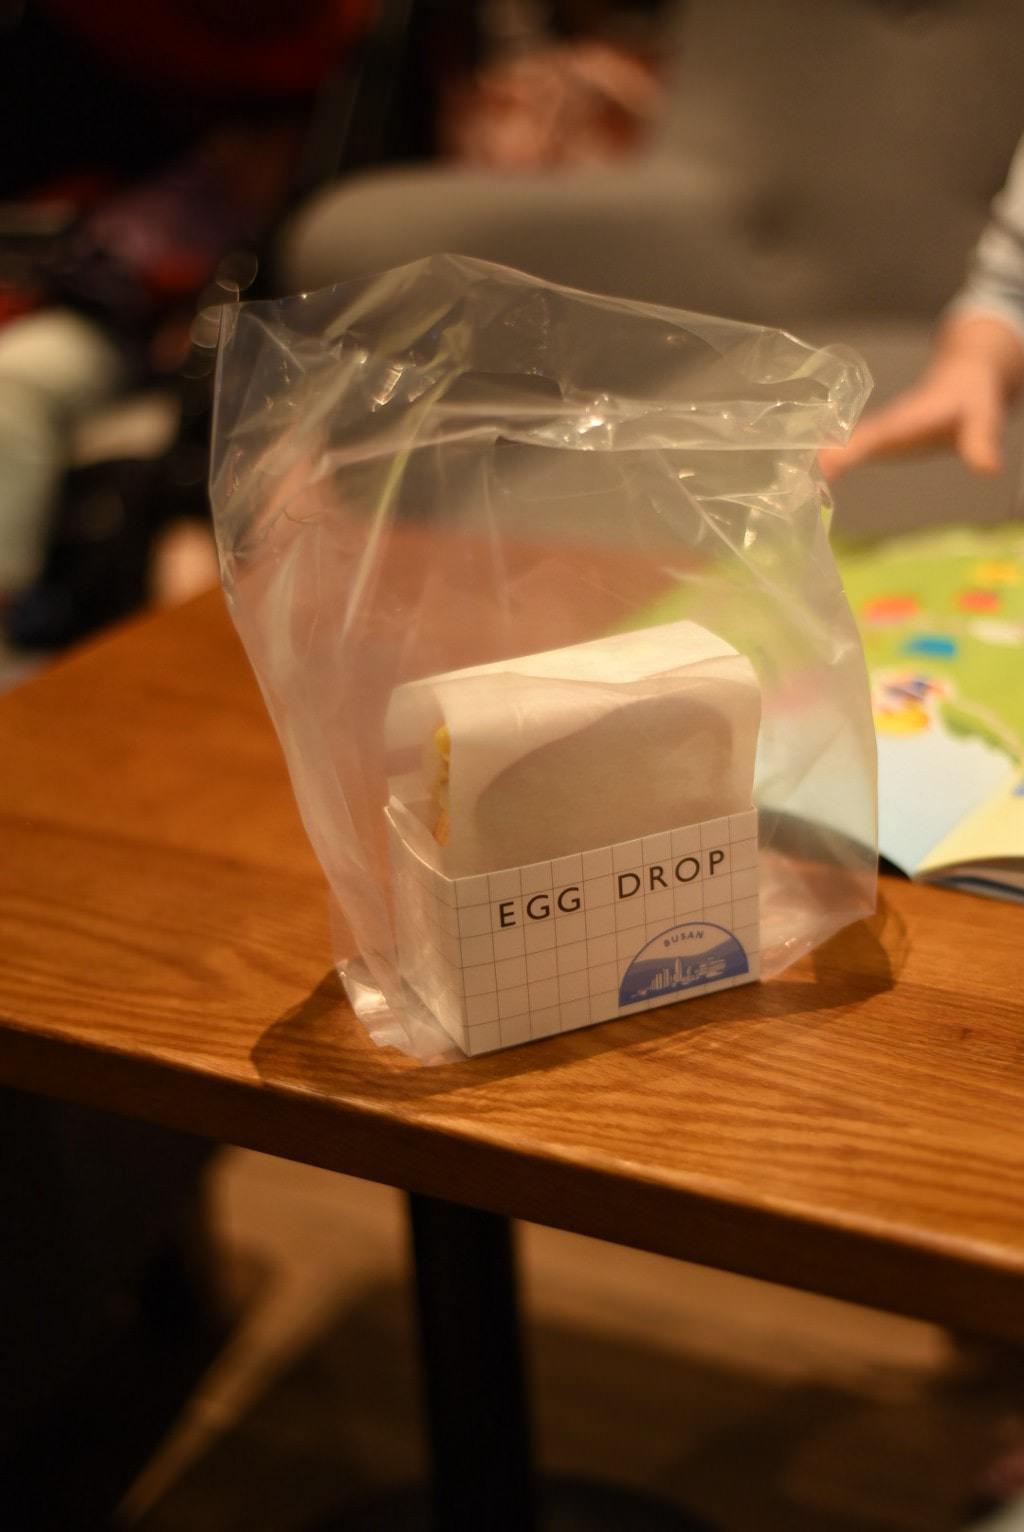 釜山-EGG DROP美味滑蛋土司